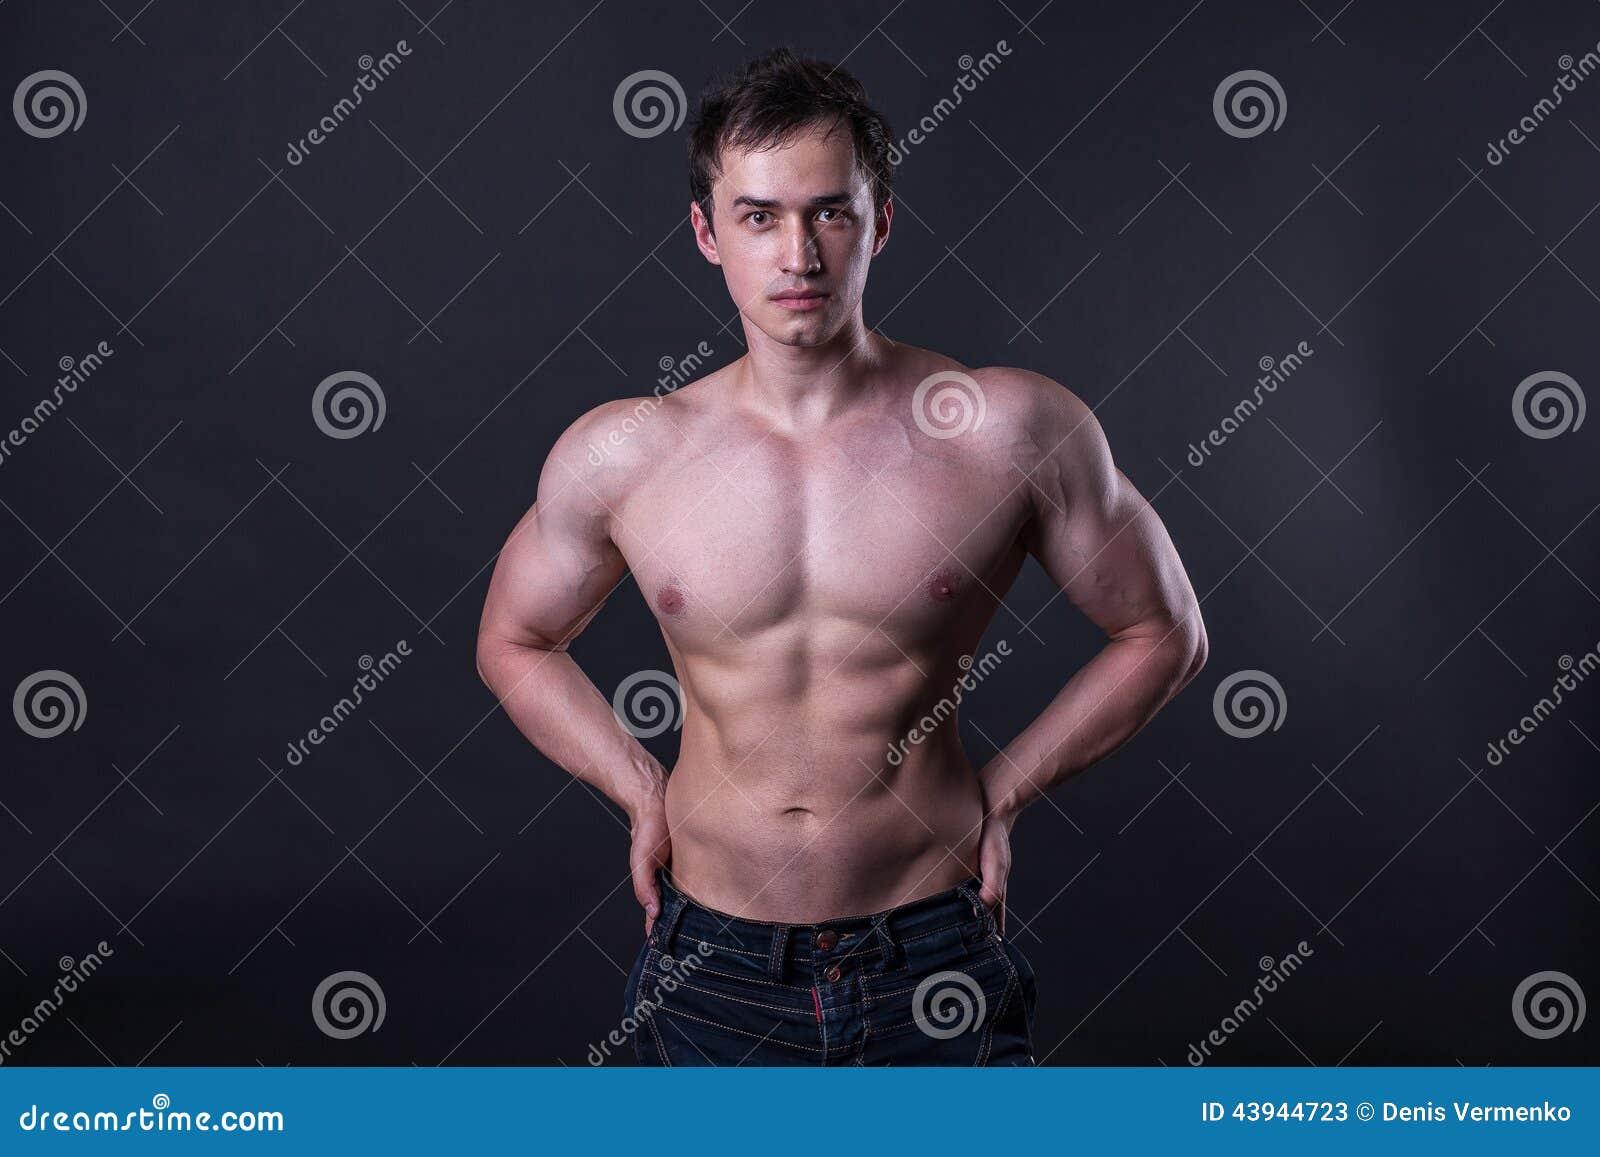 Audrey bitoni and delilah strong porno